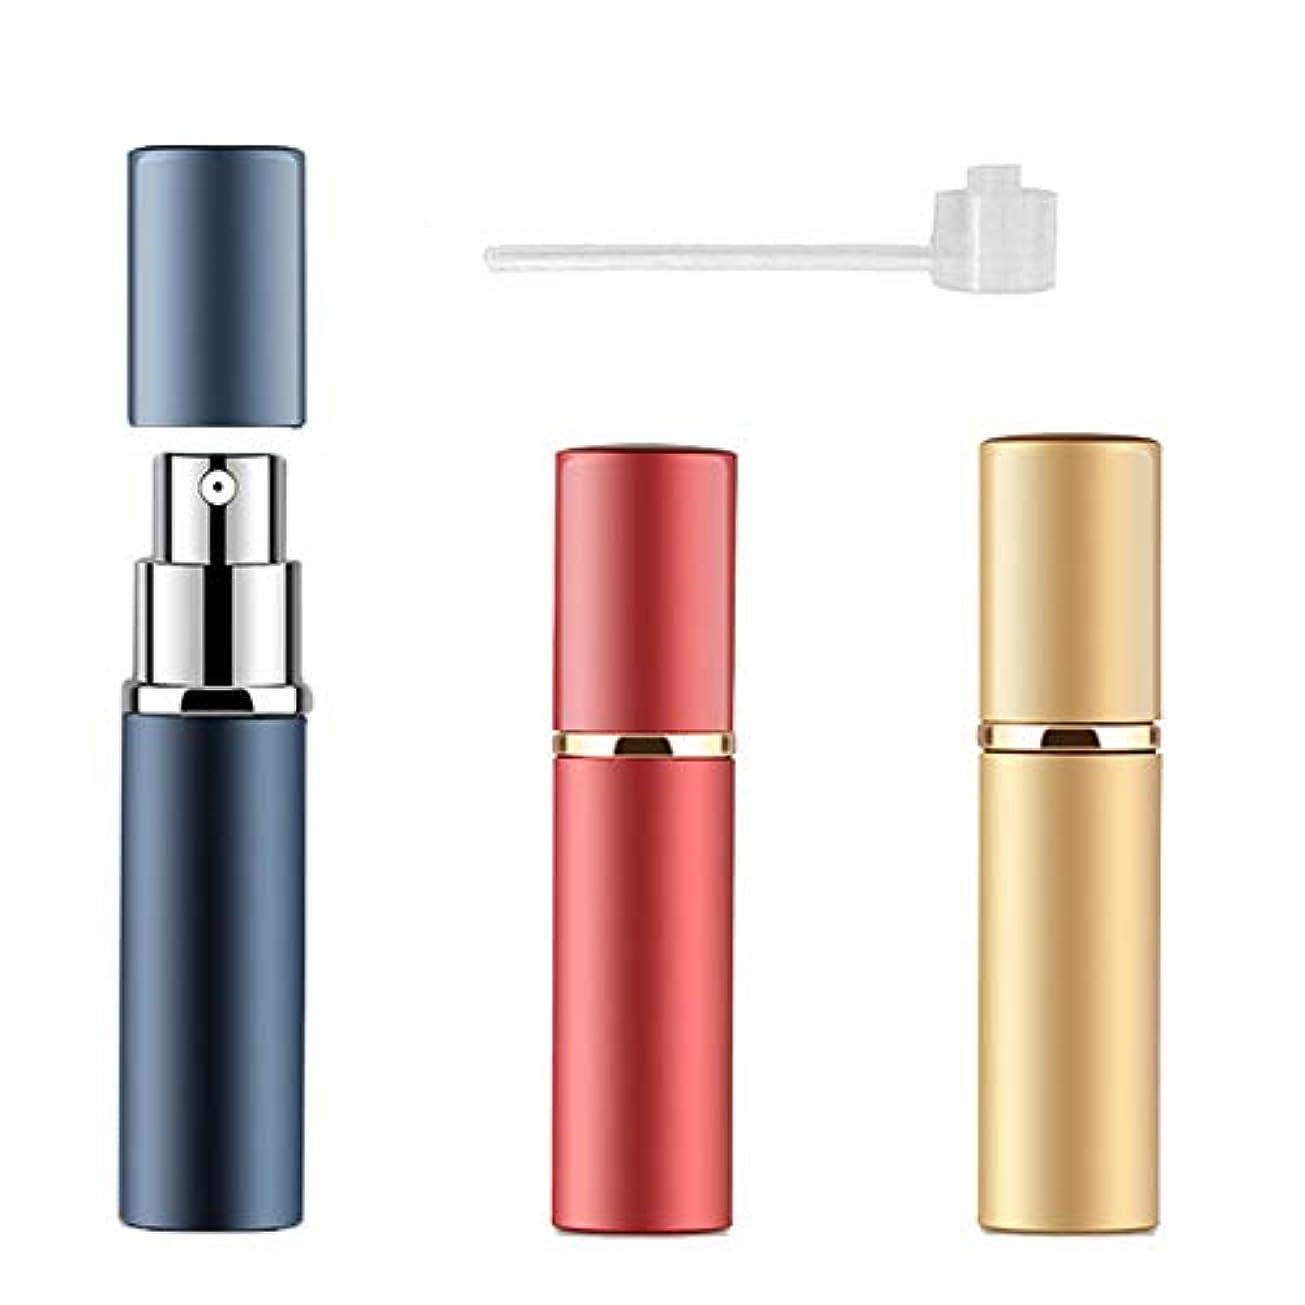 脚本家長方形口述アトマイザー 香水 詰め替え容器 スプレーボトル 小分けボトル トラベルボトル 旅行携帯便利 (3色セット)